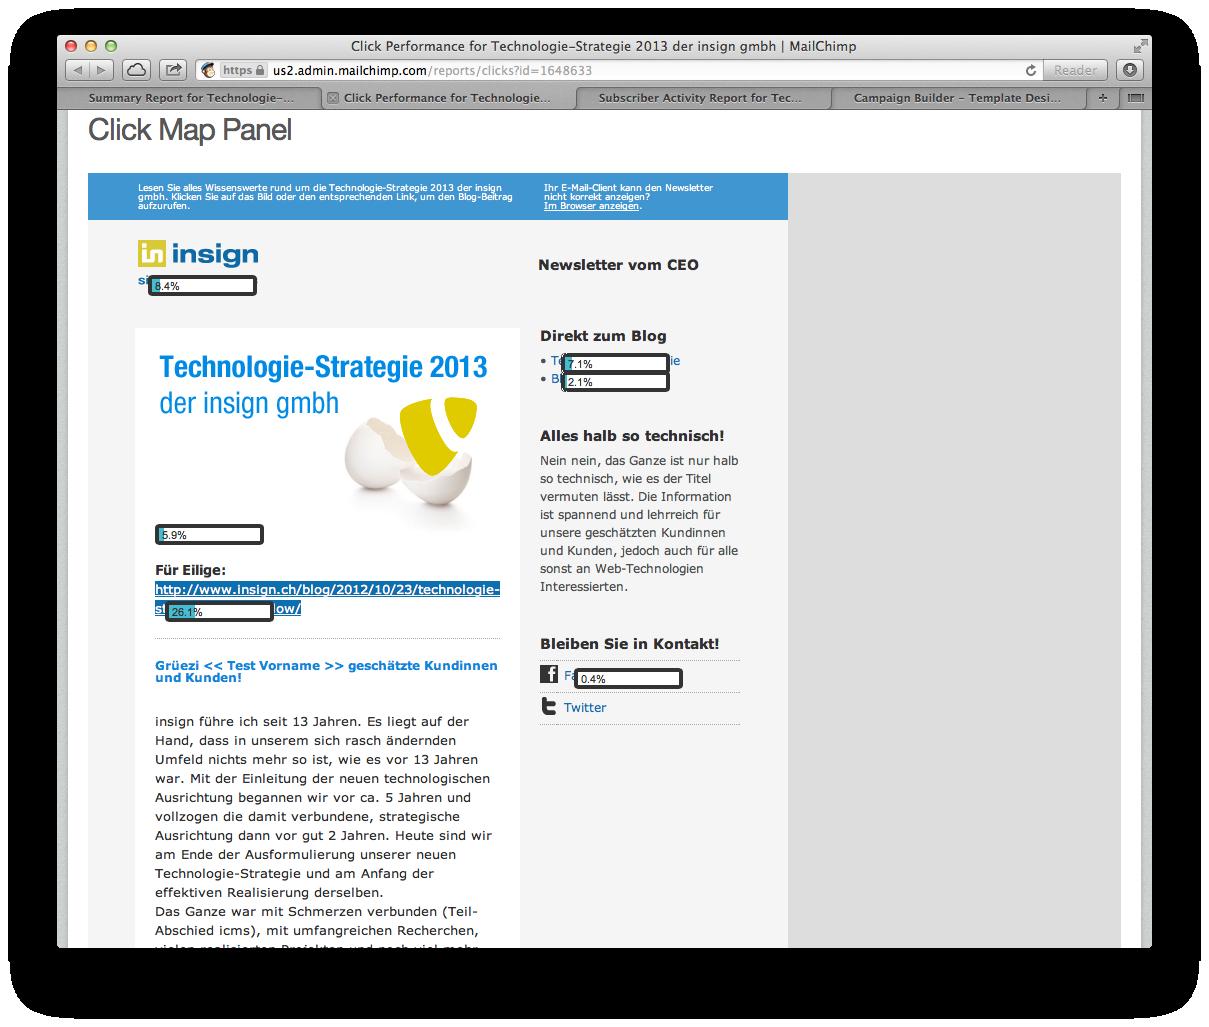 MailChimp - Anzeige der Click-Performance direkt im Newsletter